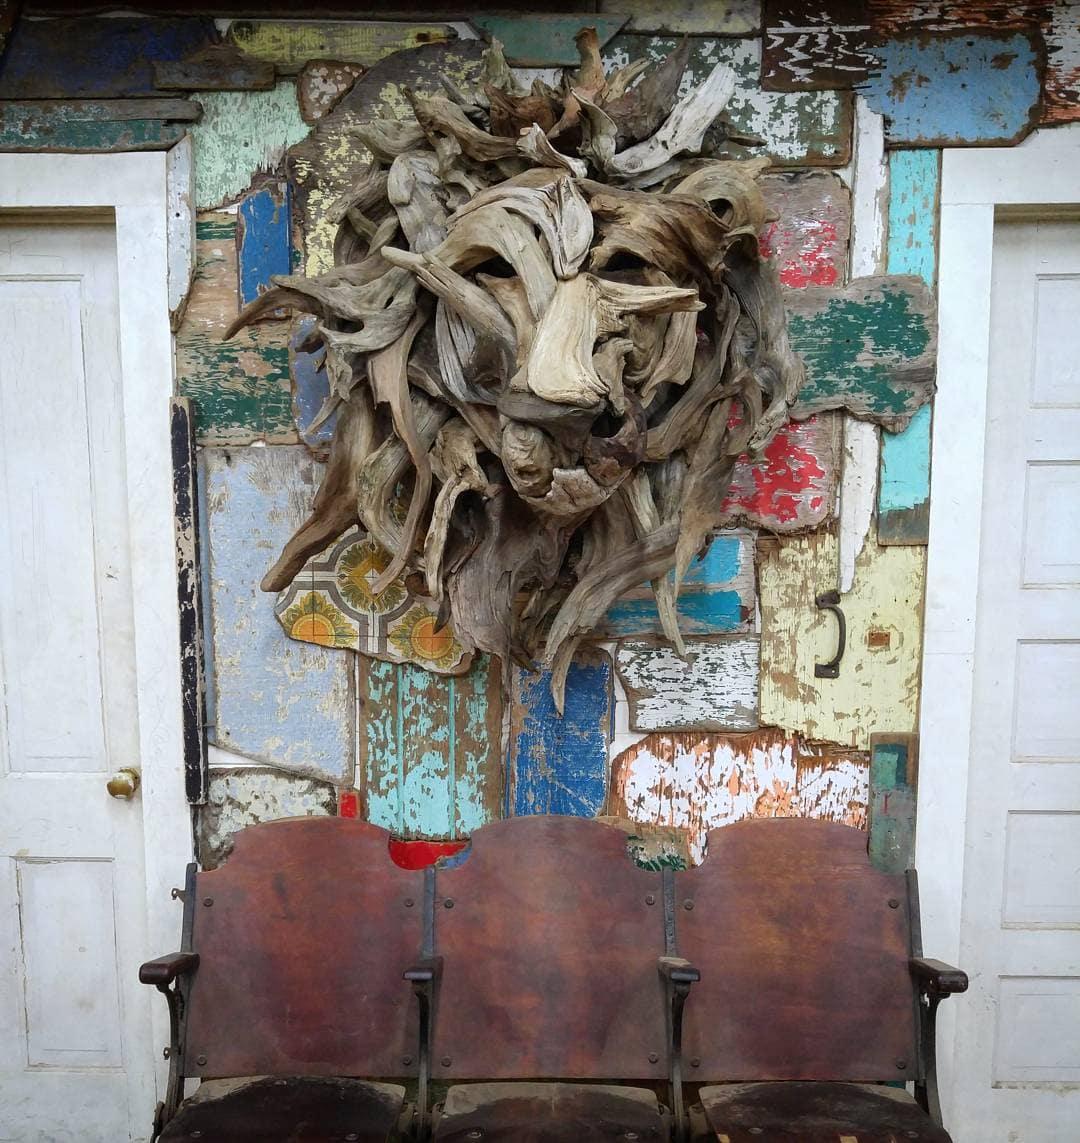 18251961 1868111596789834 3293523386638008320 n - Художник из Вашингтона создаёт скульптуры из сухих деревяшек, от которых дух захватывает